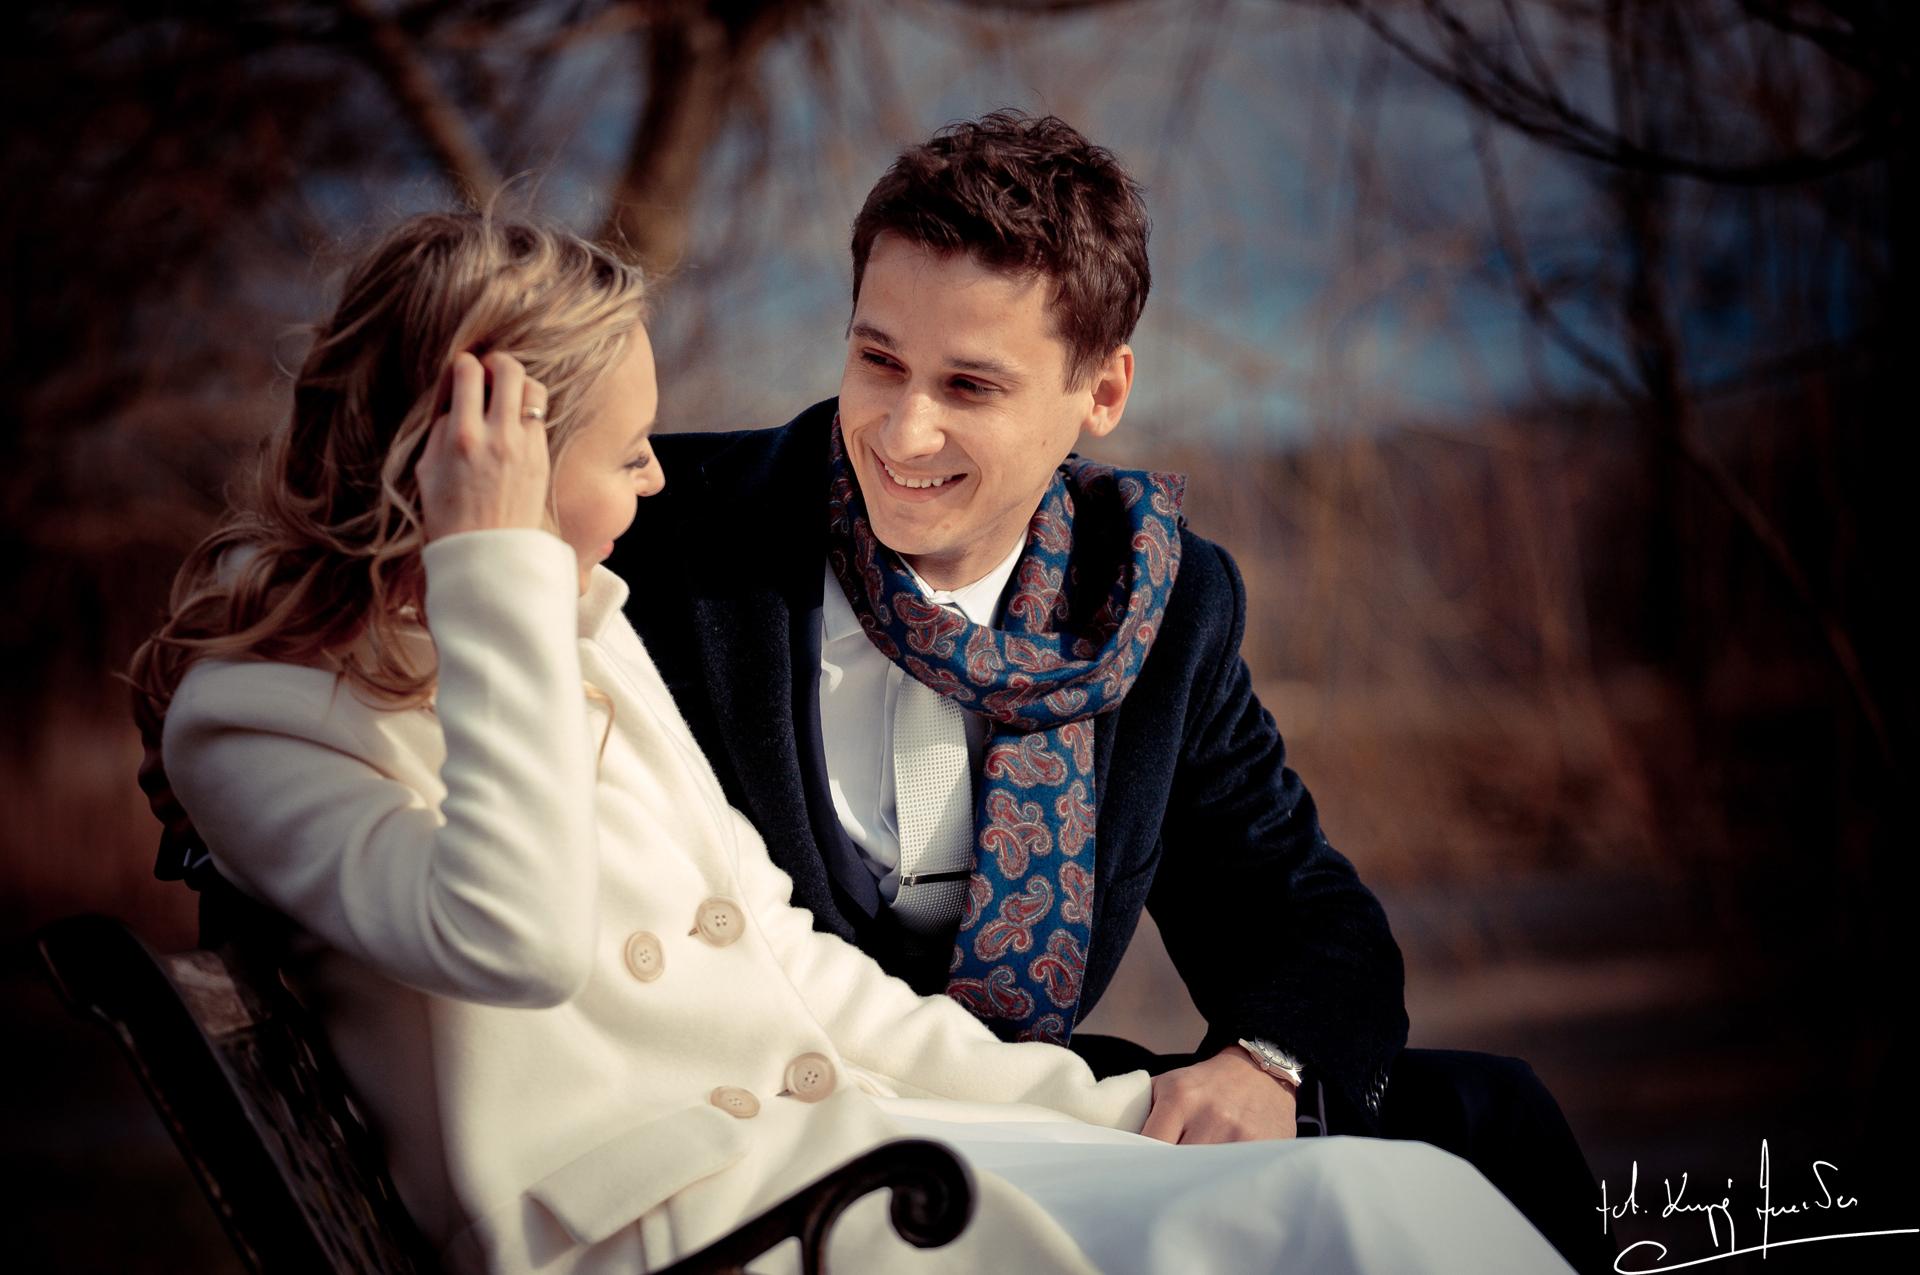 Ślub w jeleniej górze 8 Lutowy Plener z Eweliną i Mikołajem